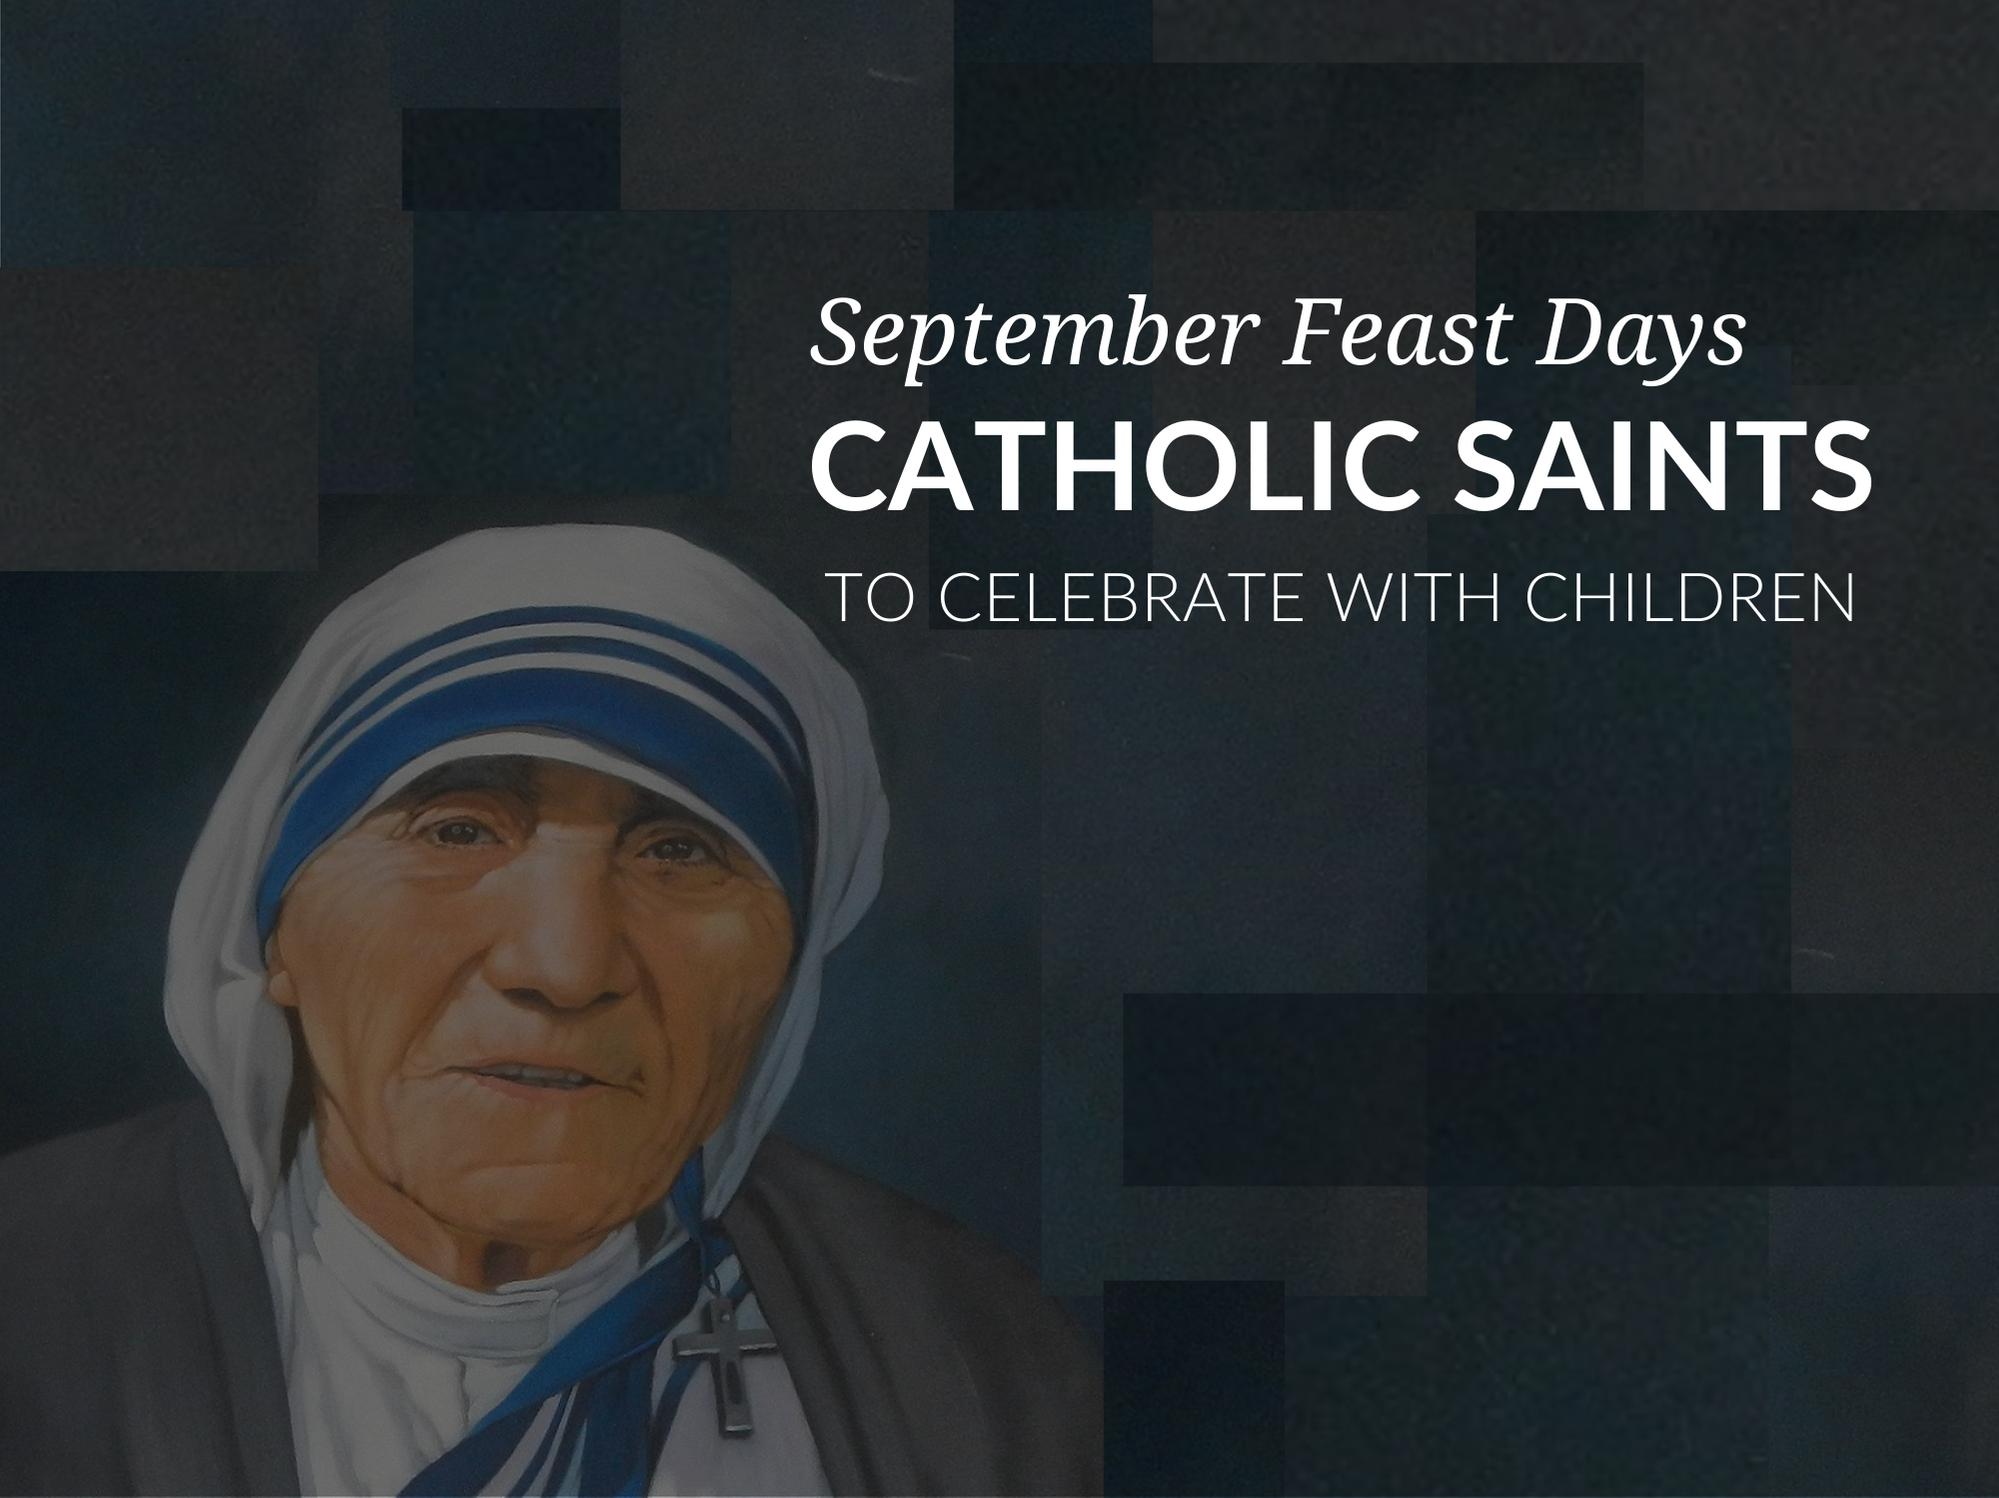 september-feast-days-catholic-saint-feast-days-in-september